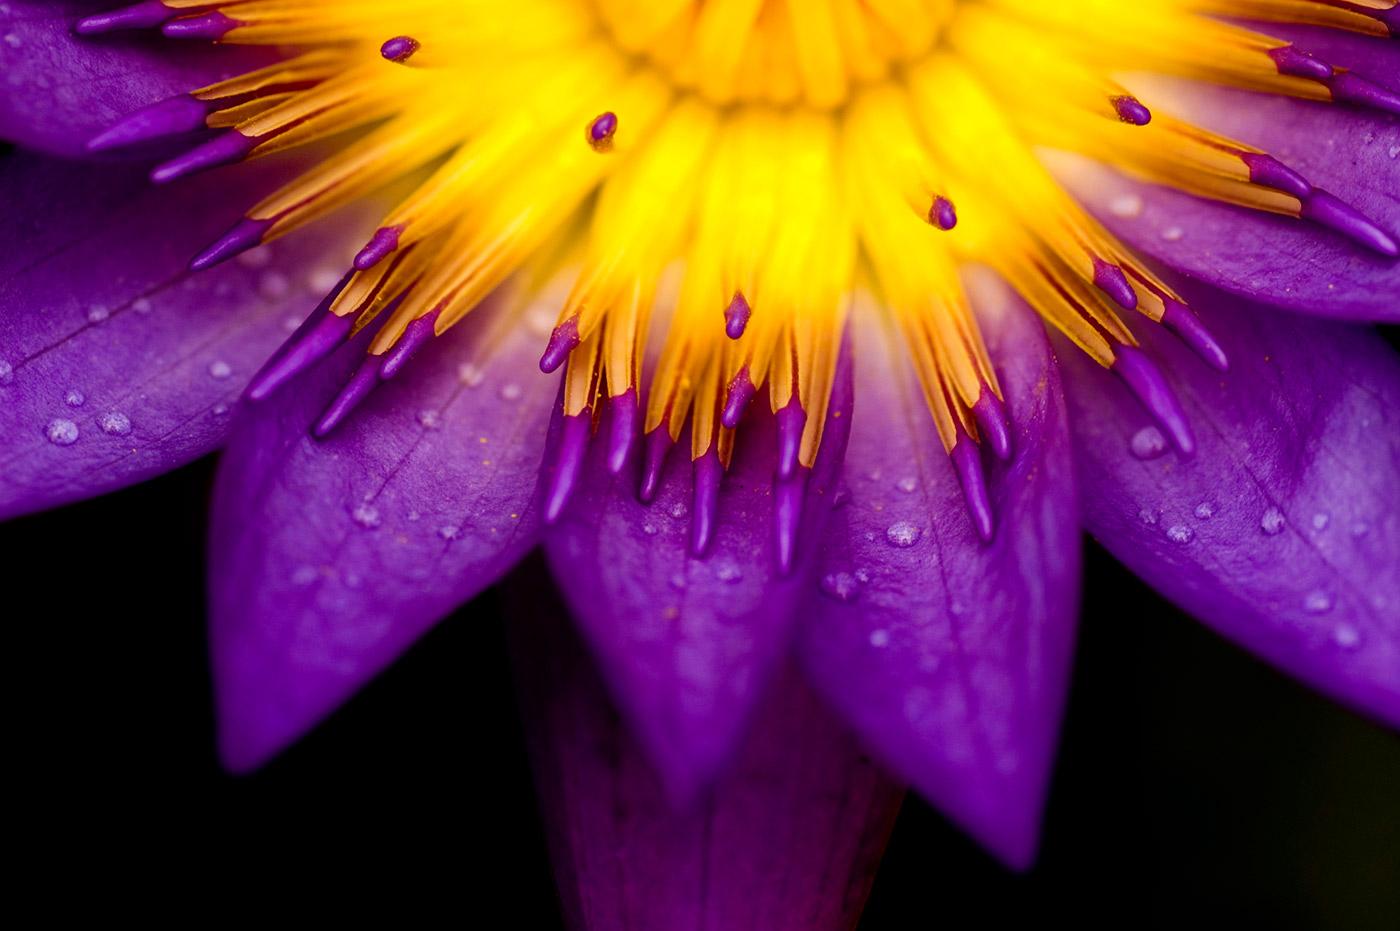 Gedeelte van een lotusbloem, met een geel hart en paarse bloembladeren, tegen een bijna zwarte achtergrond. Door de uitsnede lijkt de bloem een beetje op een opkomende zon.